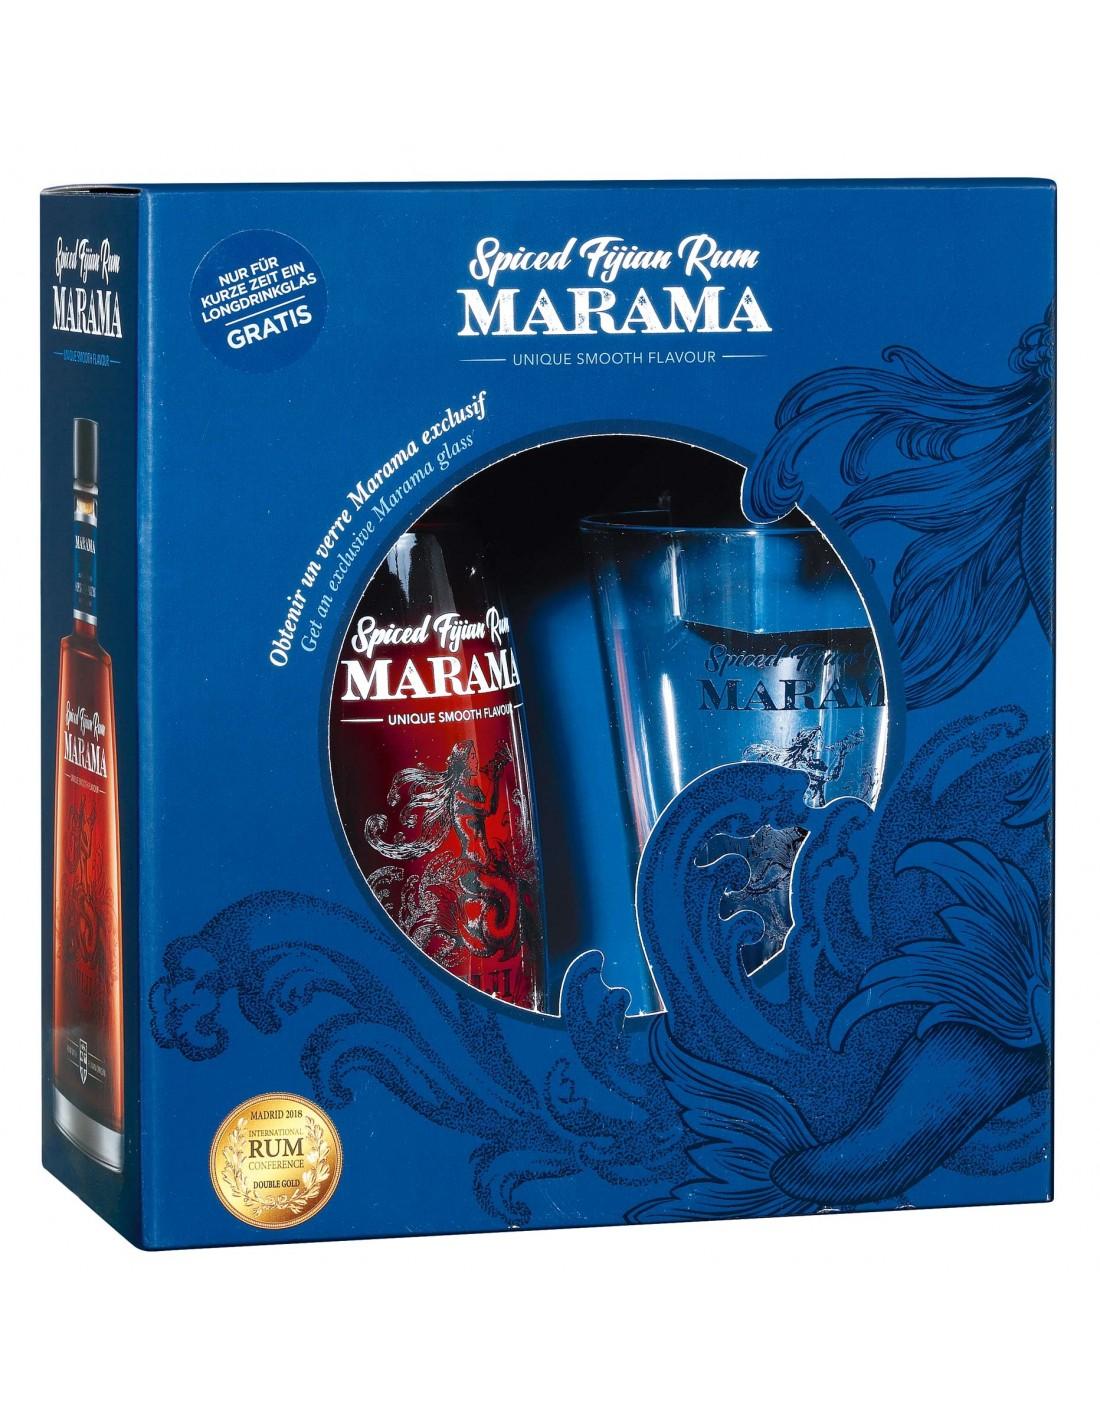 Rom Marama Spiced Fijian + Pahar, 40% alc., 0.7L, Fiji